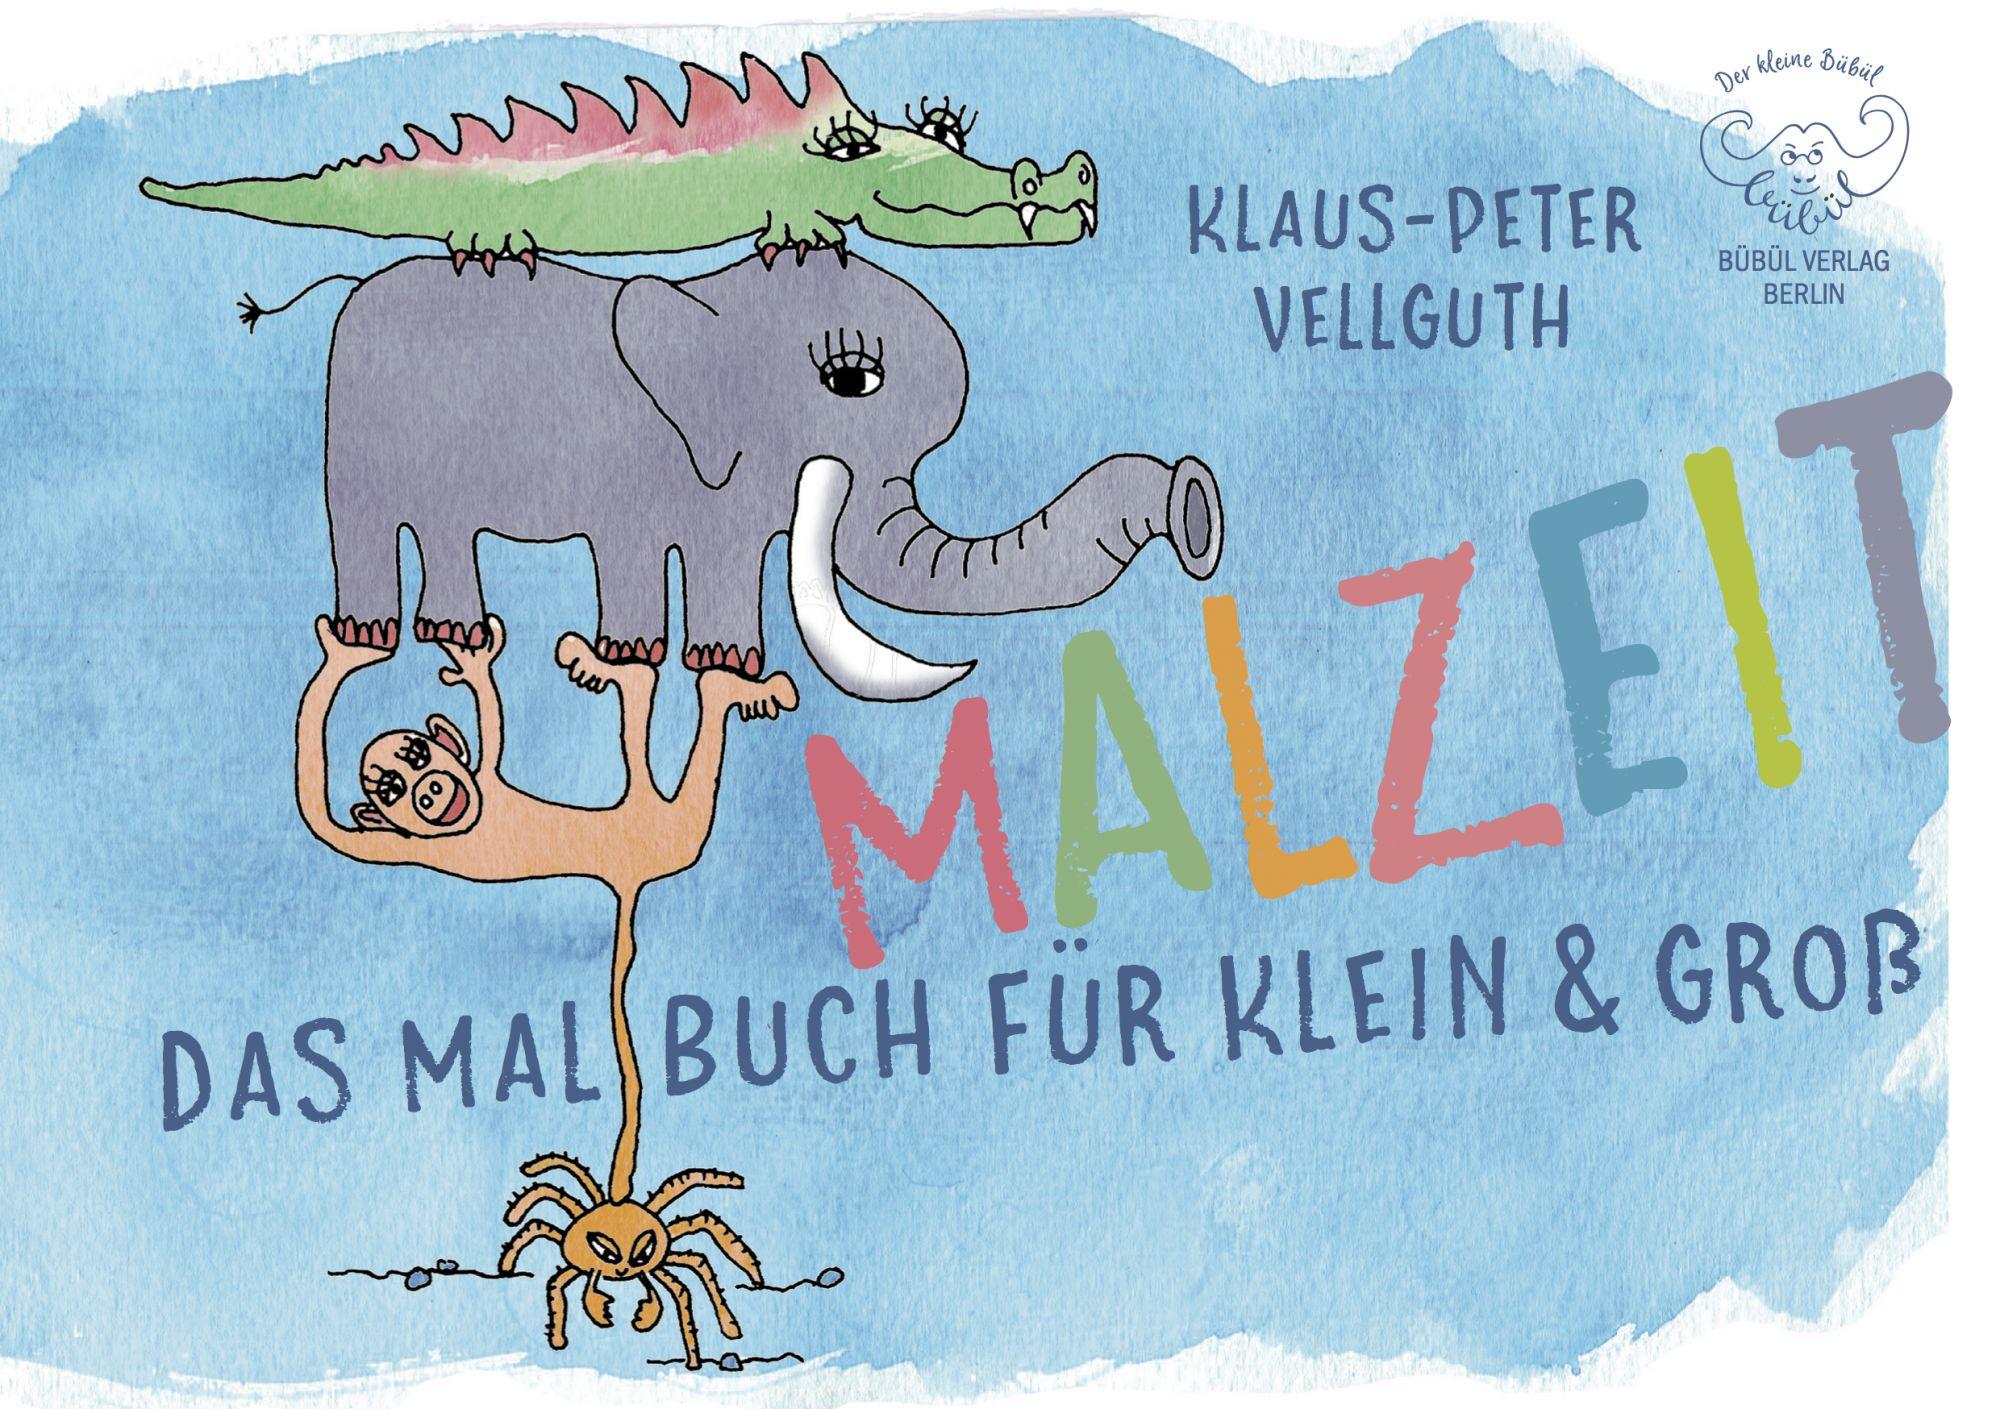 Malzeit - ein lustiges Künstlermalbuch